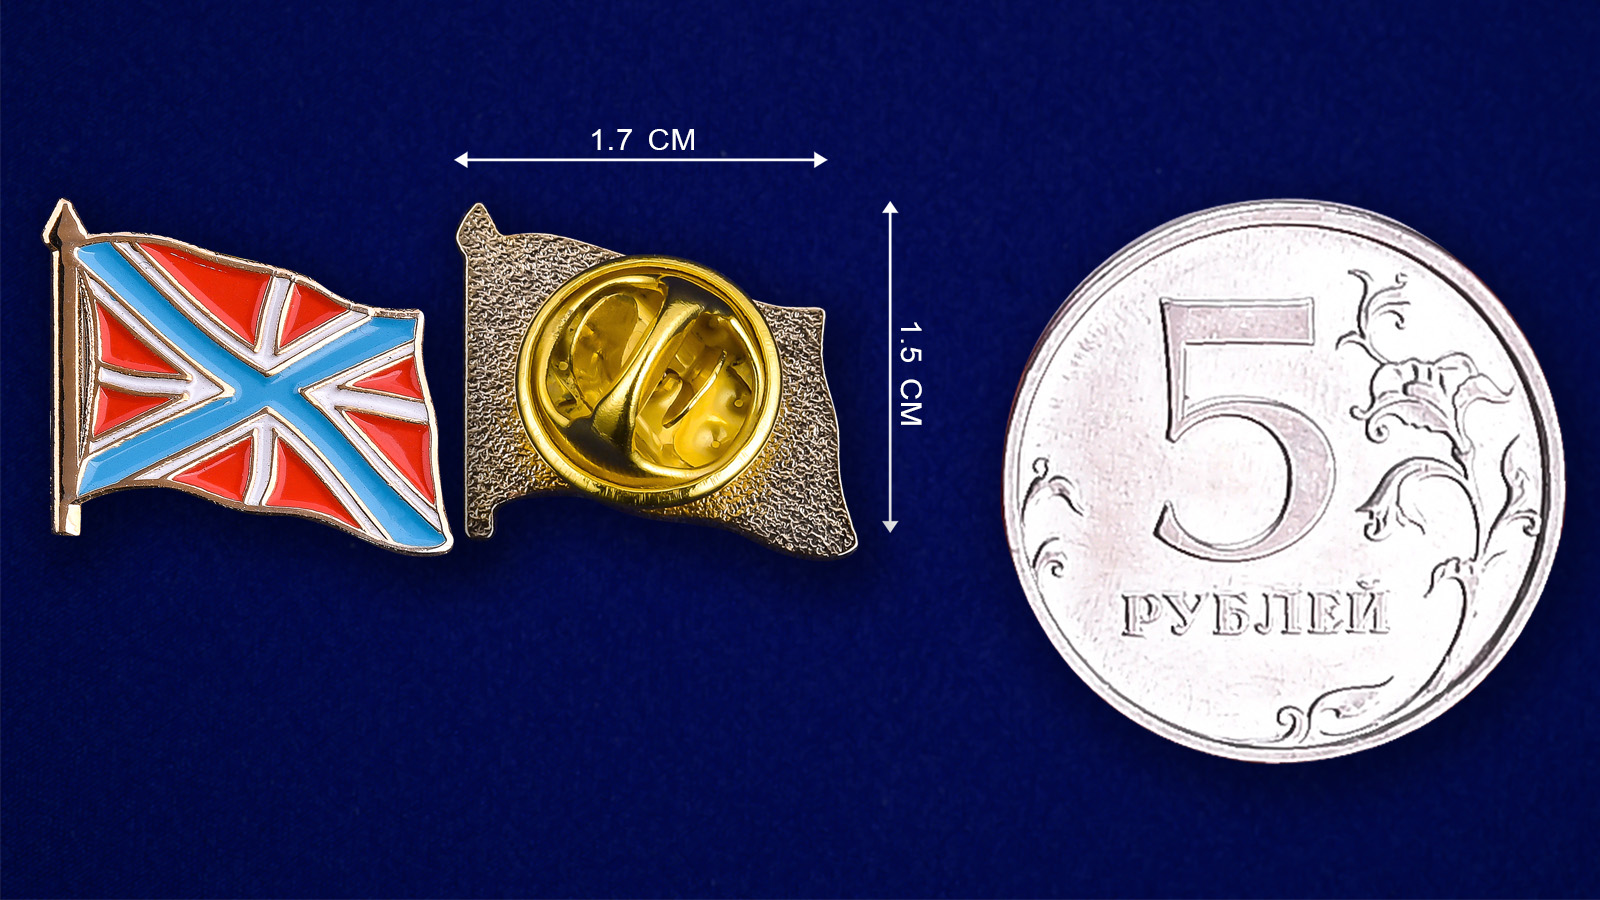 Значок Гюйс ВМФ РФ - сравнительный размер